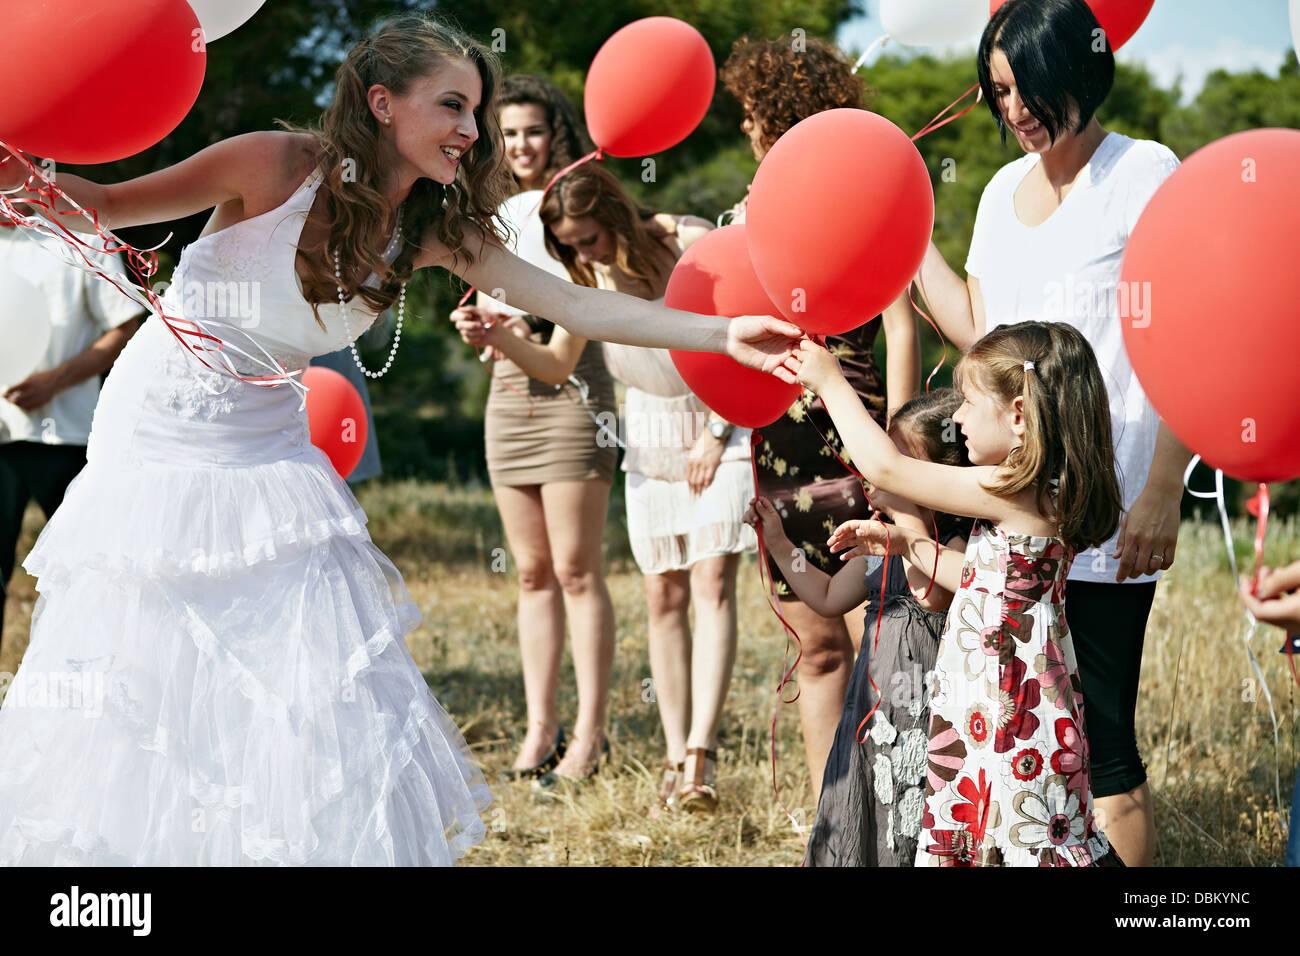 Gli ospiti dei matrimoni con palloncini all'aperto, Croazia, Europa Immagini Stock